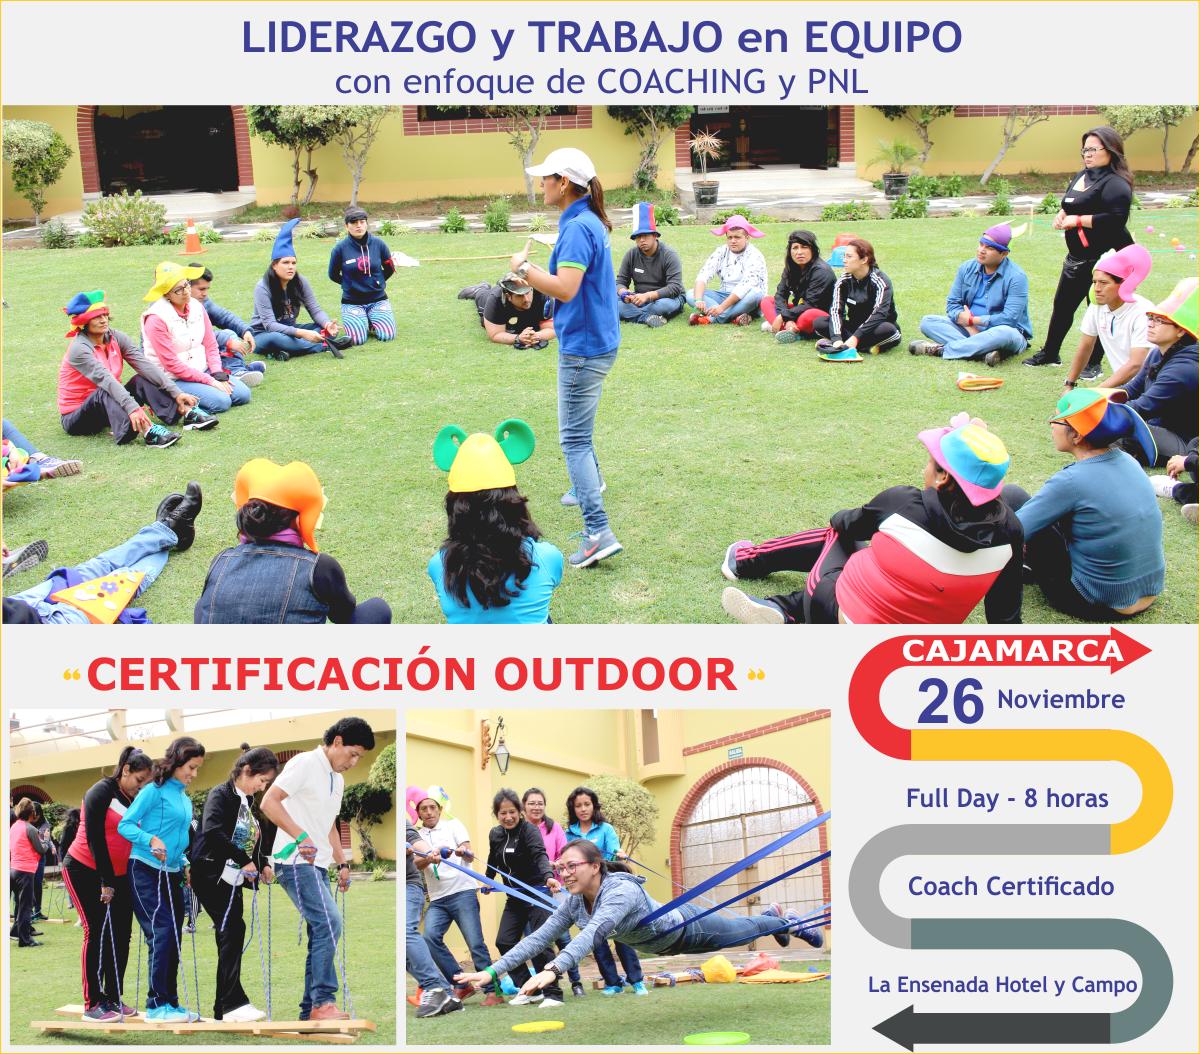 CERTIFICACIÓN OUTDOOR DE LIDERAZGO Y TRABAJO EN EQUIPO CON ENFOQUE DE COACHING Y PNL